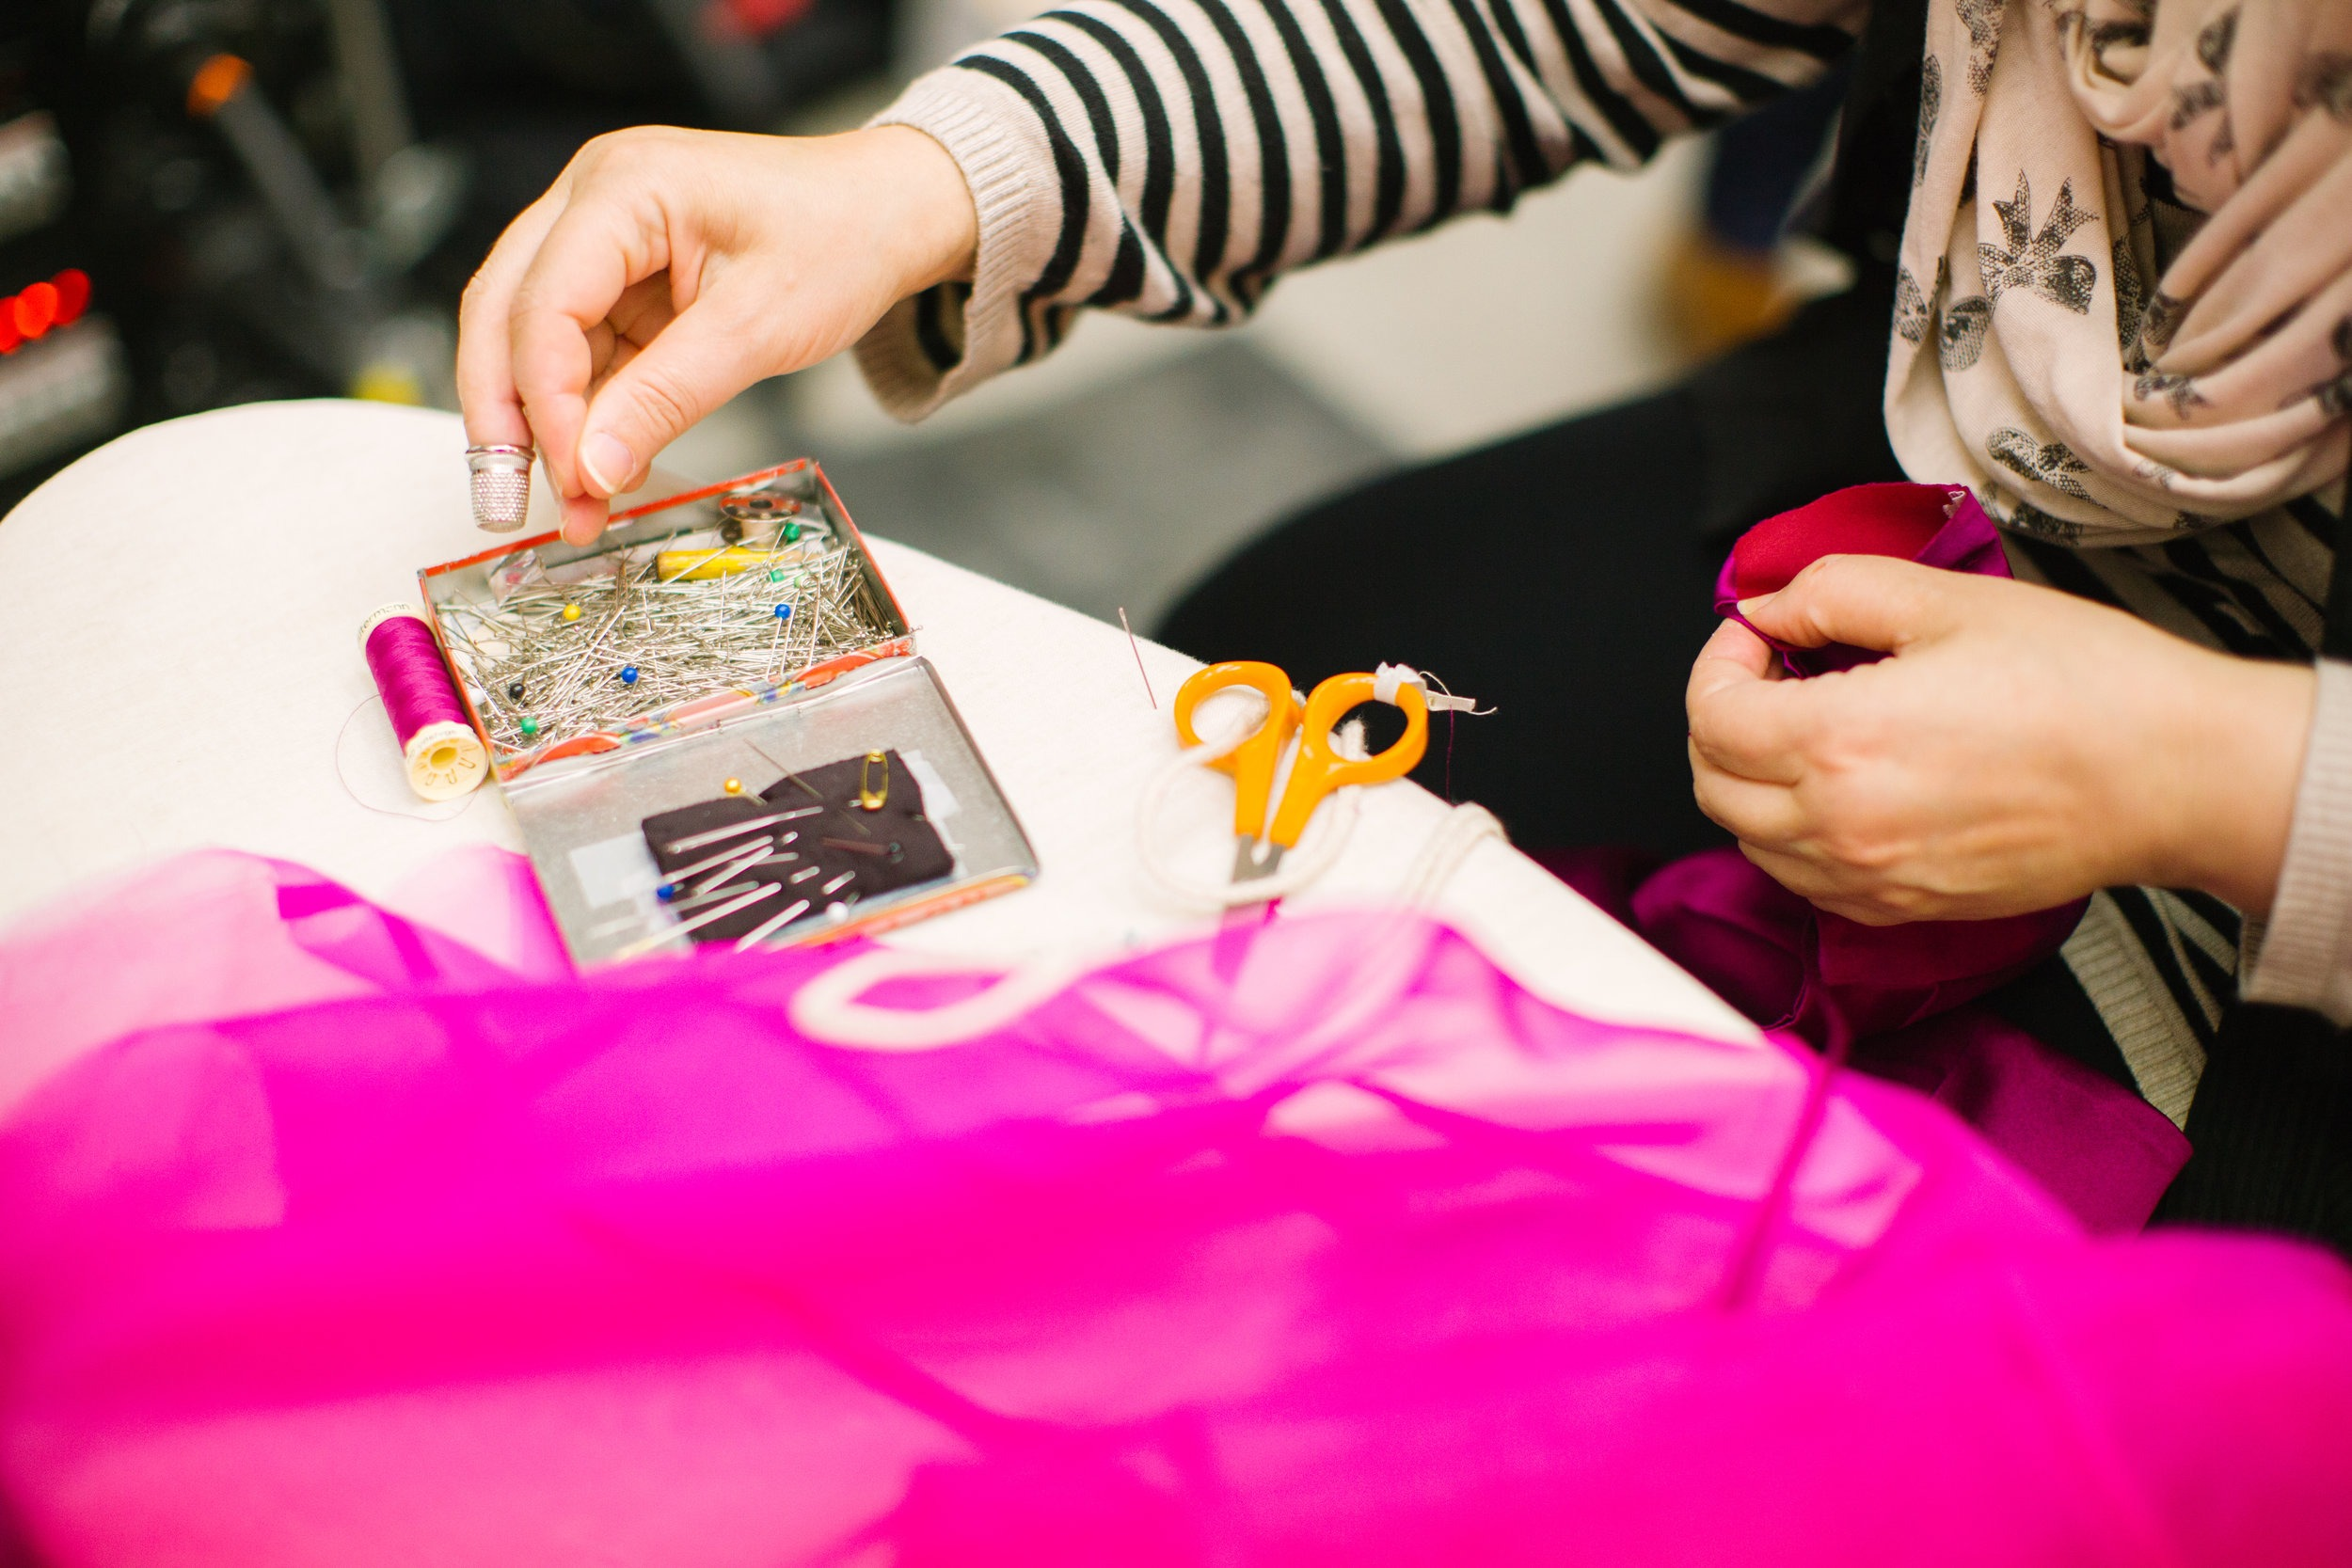 Lady Using a Sewing Machine